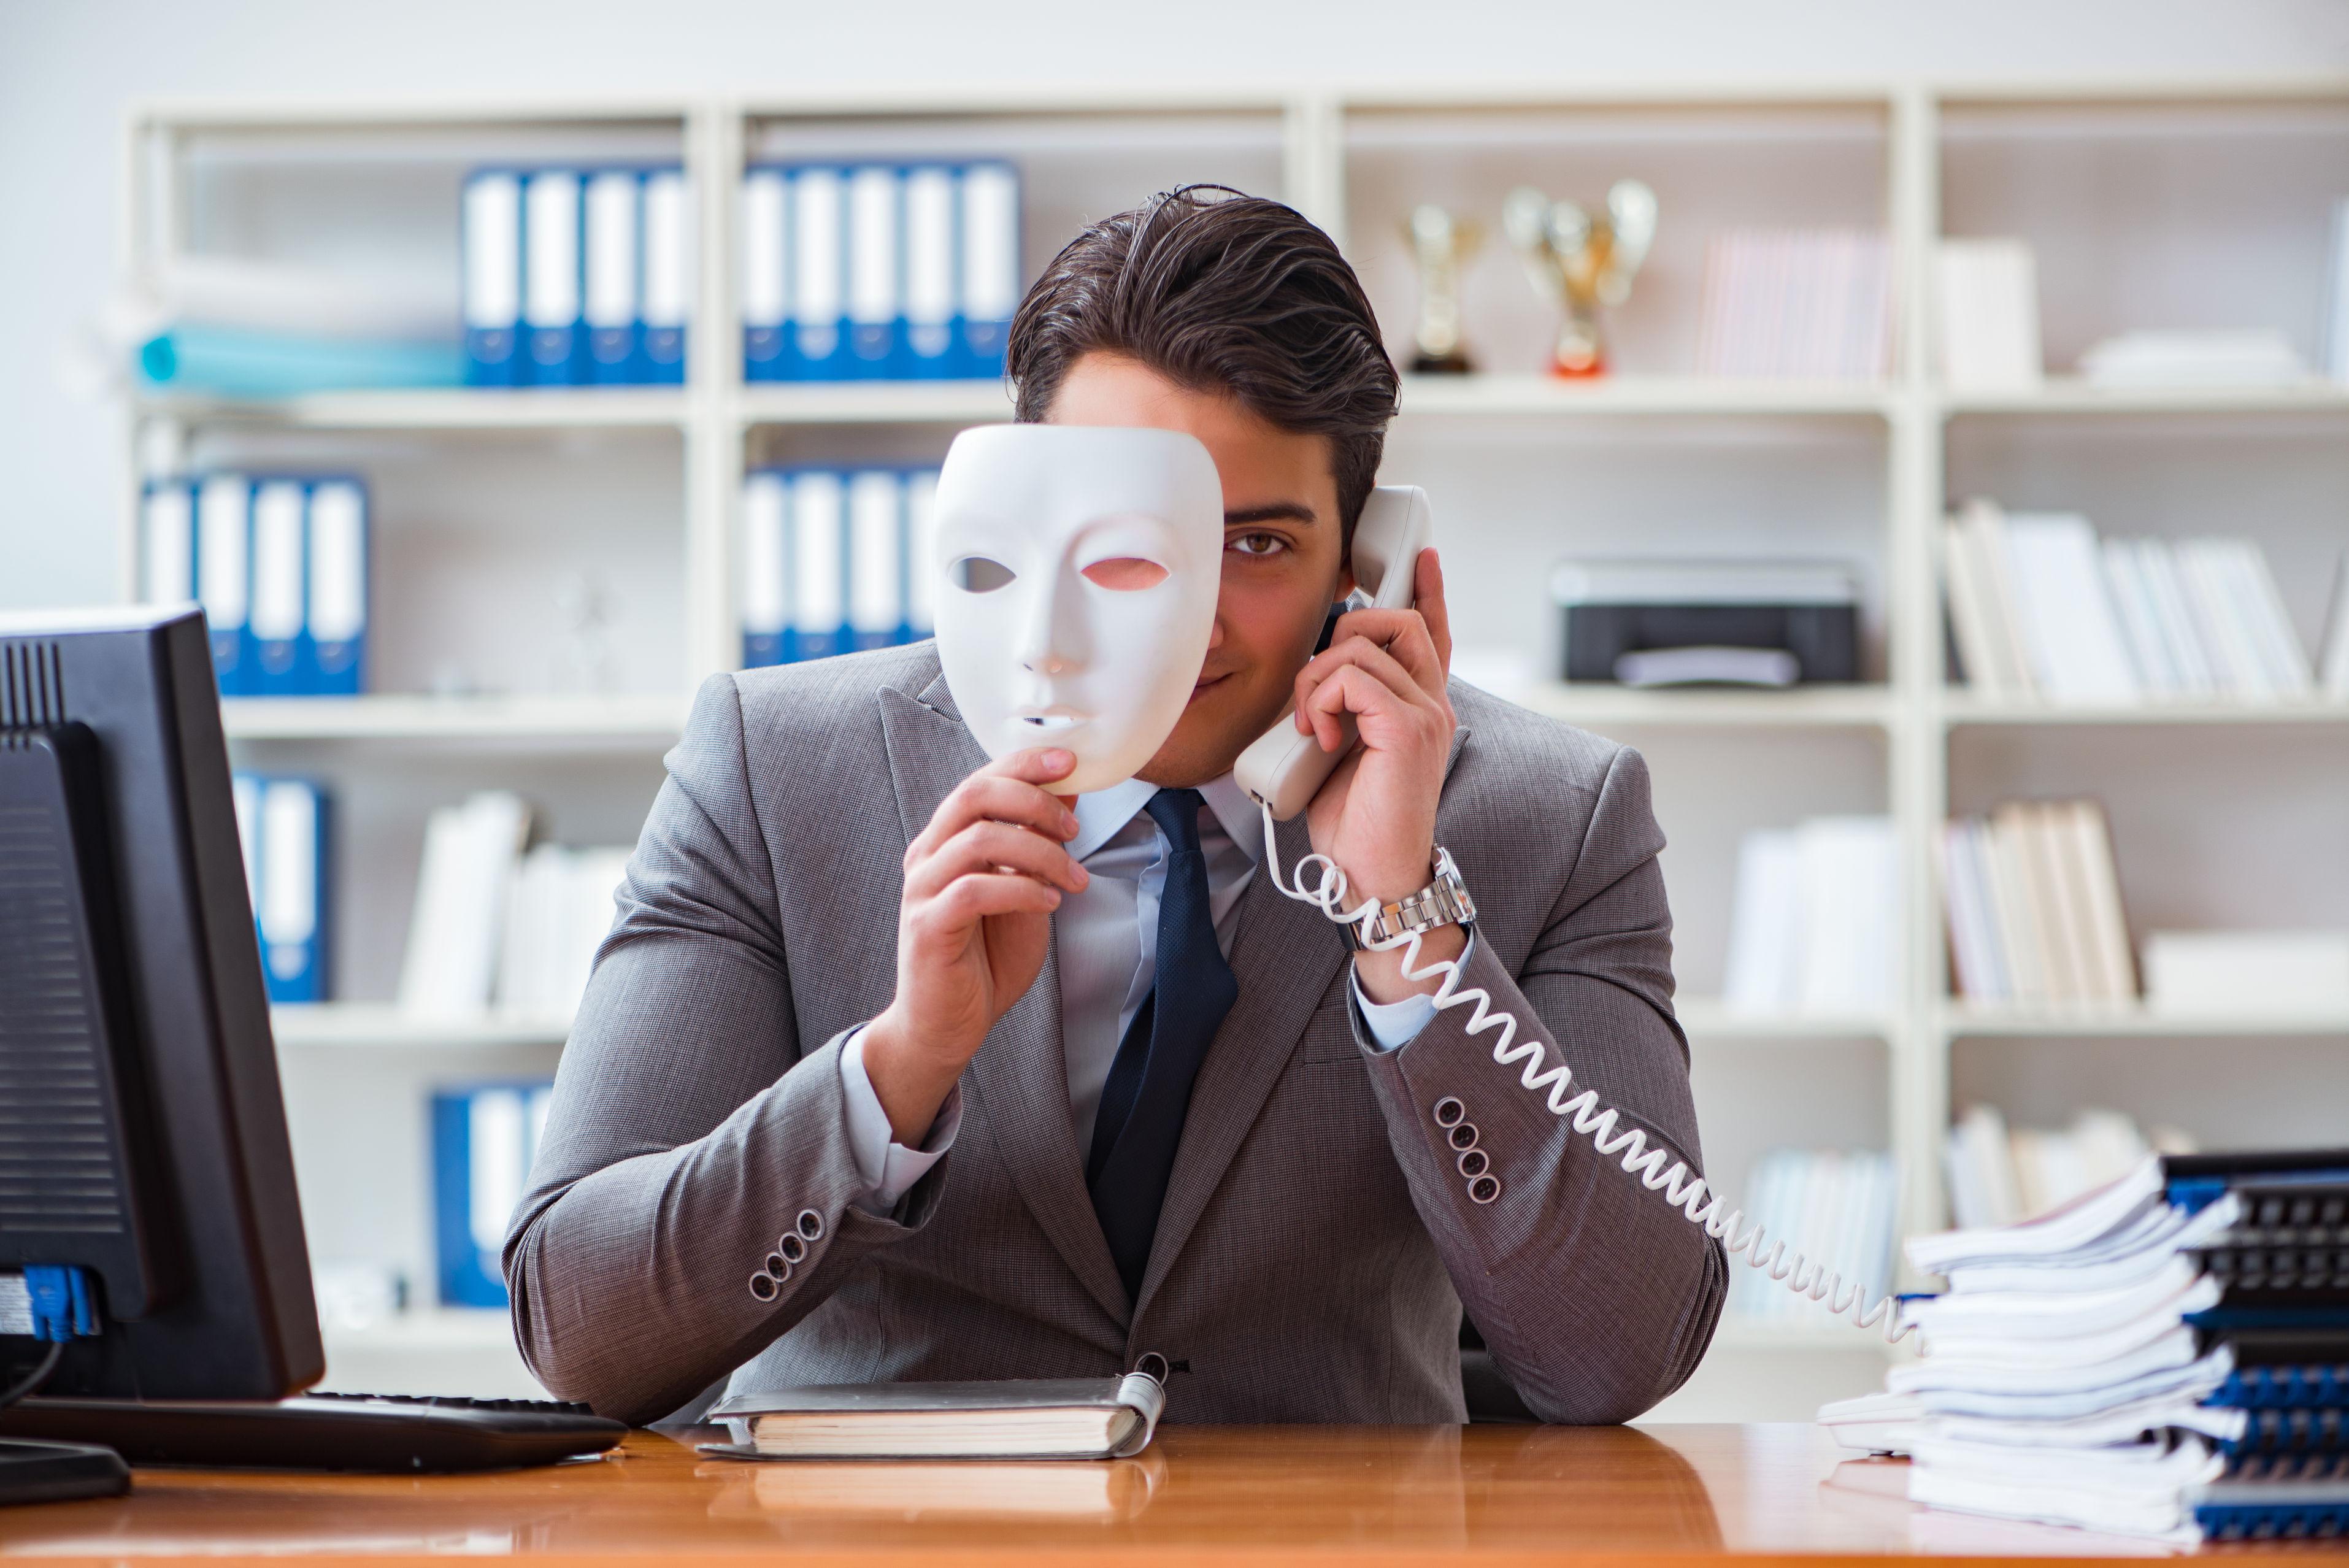 Alerta el CUD sobre robo de identidad